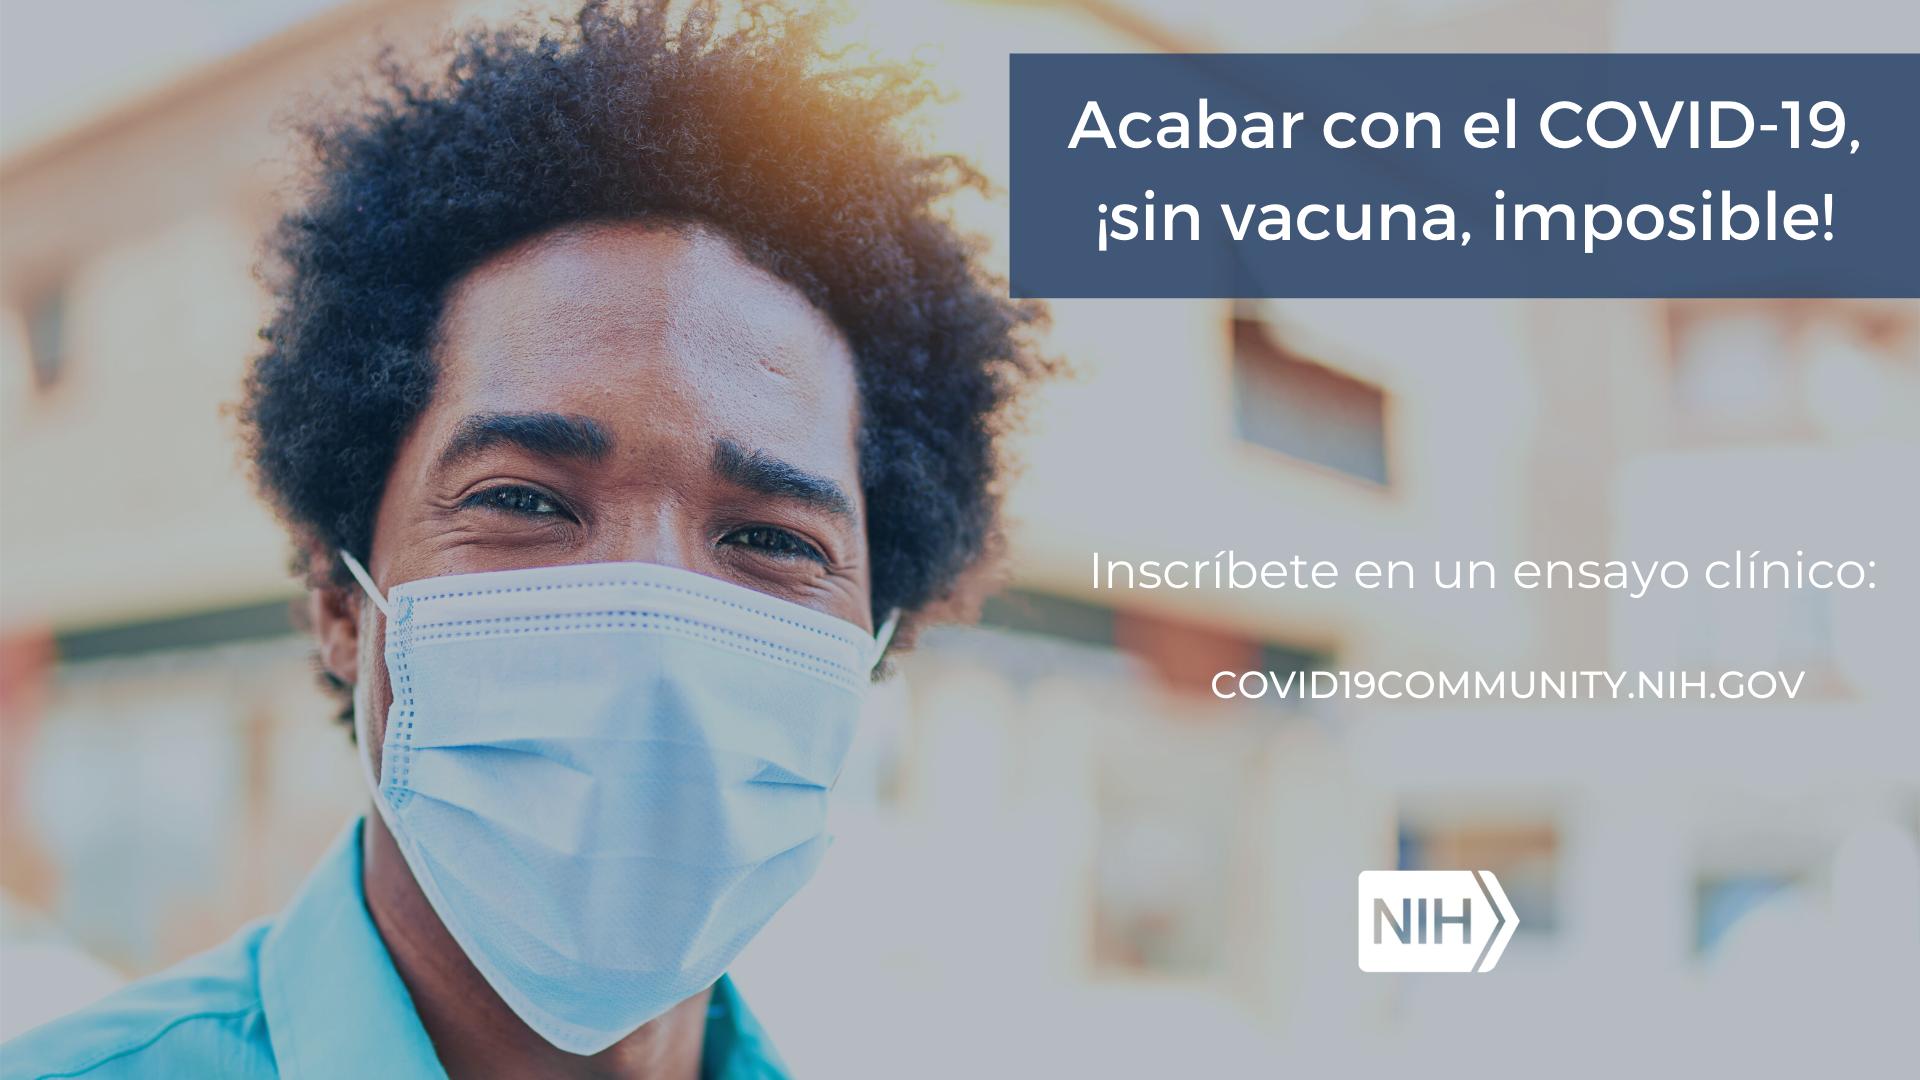 """Imagen de un hombre con tapaboca. La imagen dice: Acabar con el COVID-19, ¡sin vacuna, imposible! Inscríbete en un ensayo clínico: covid19community.nih.gov"""""""